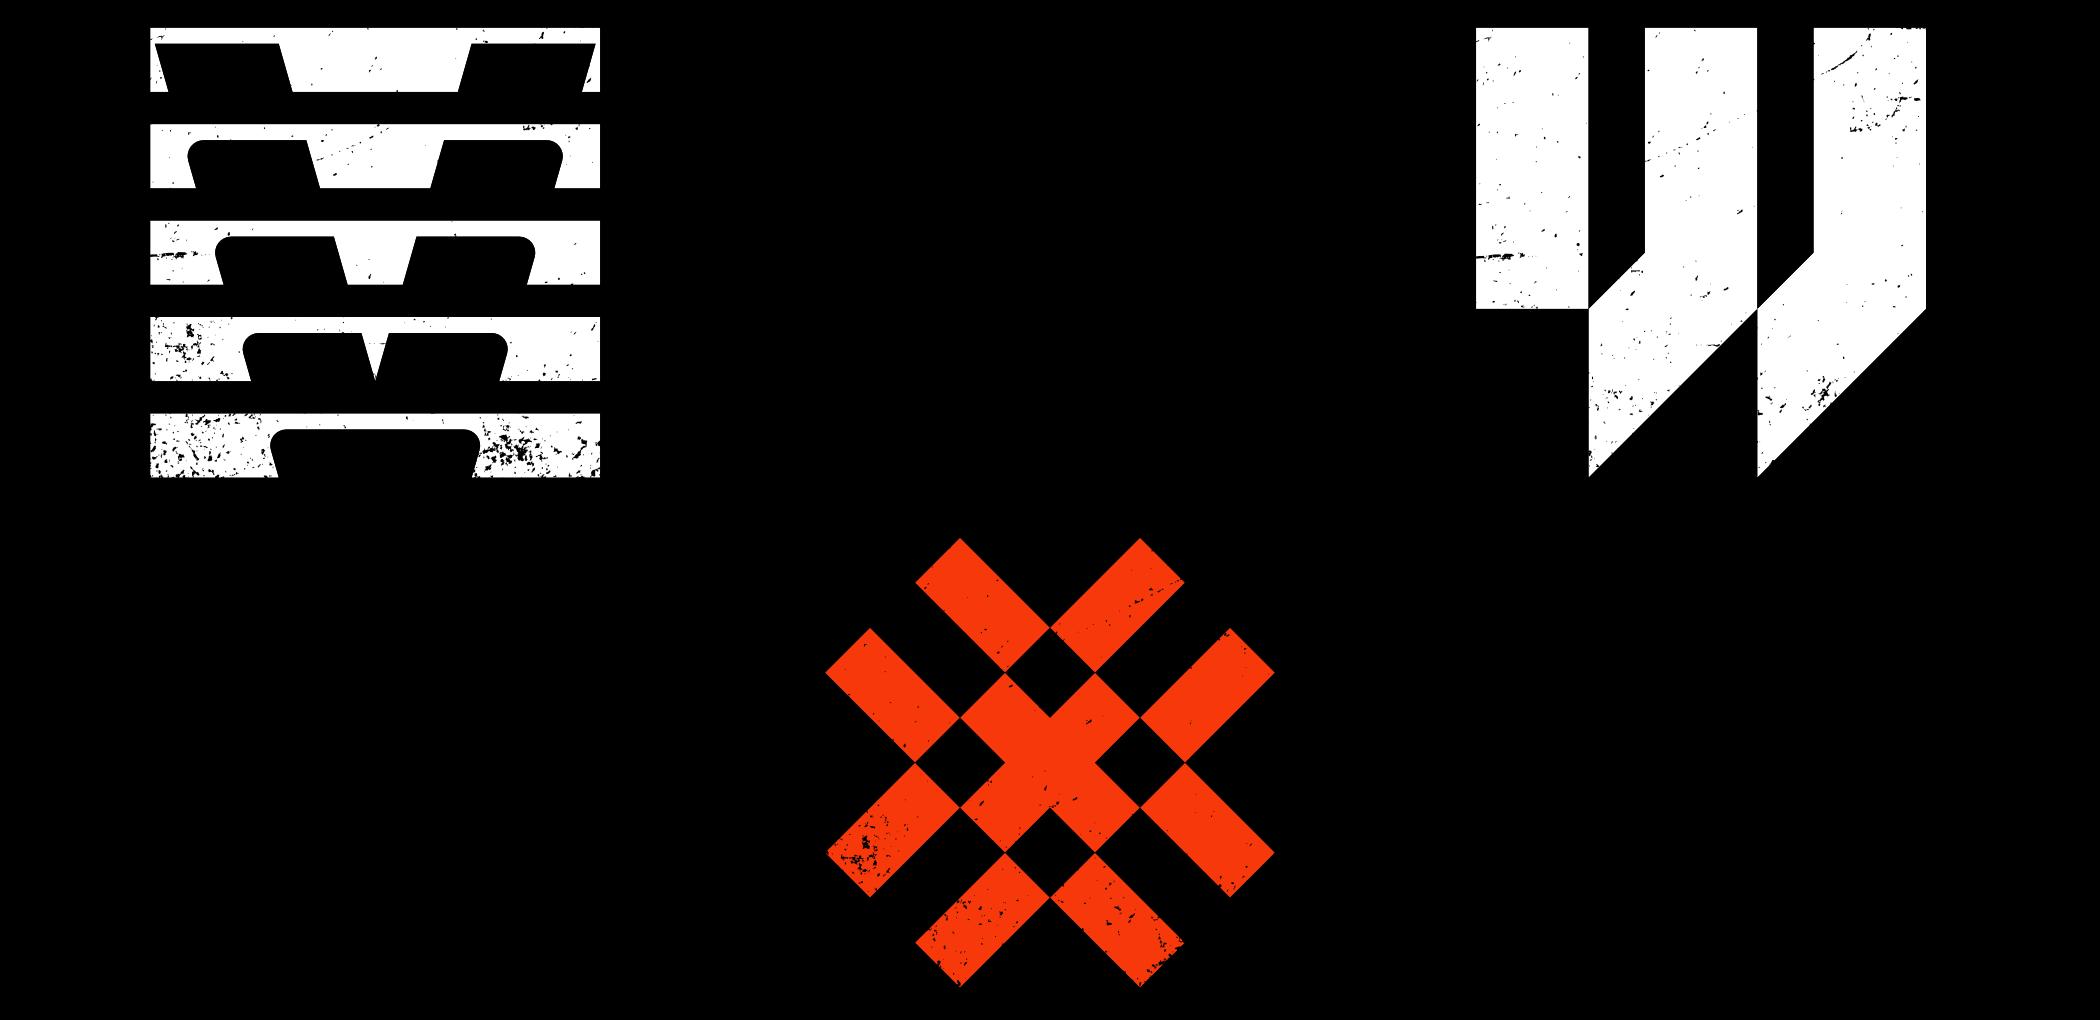 36DaysofType - V,W,X